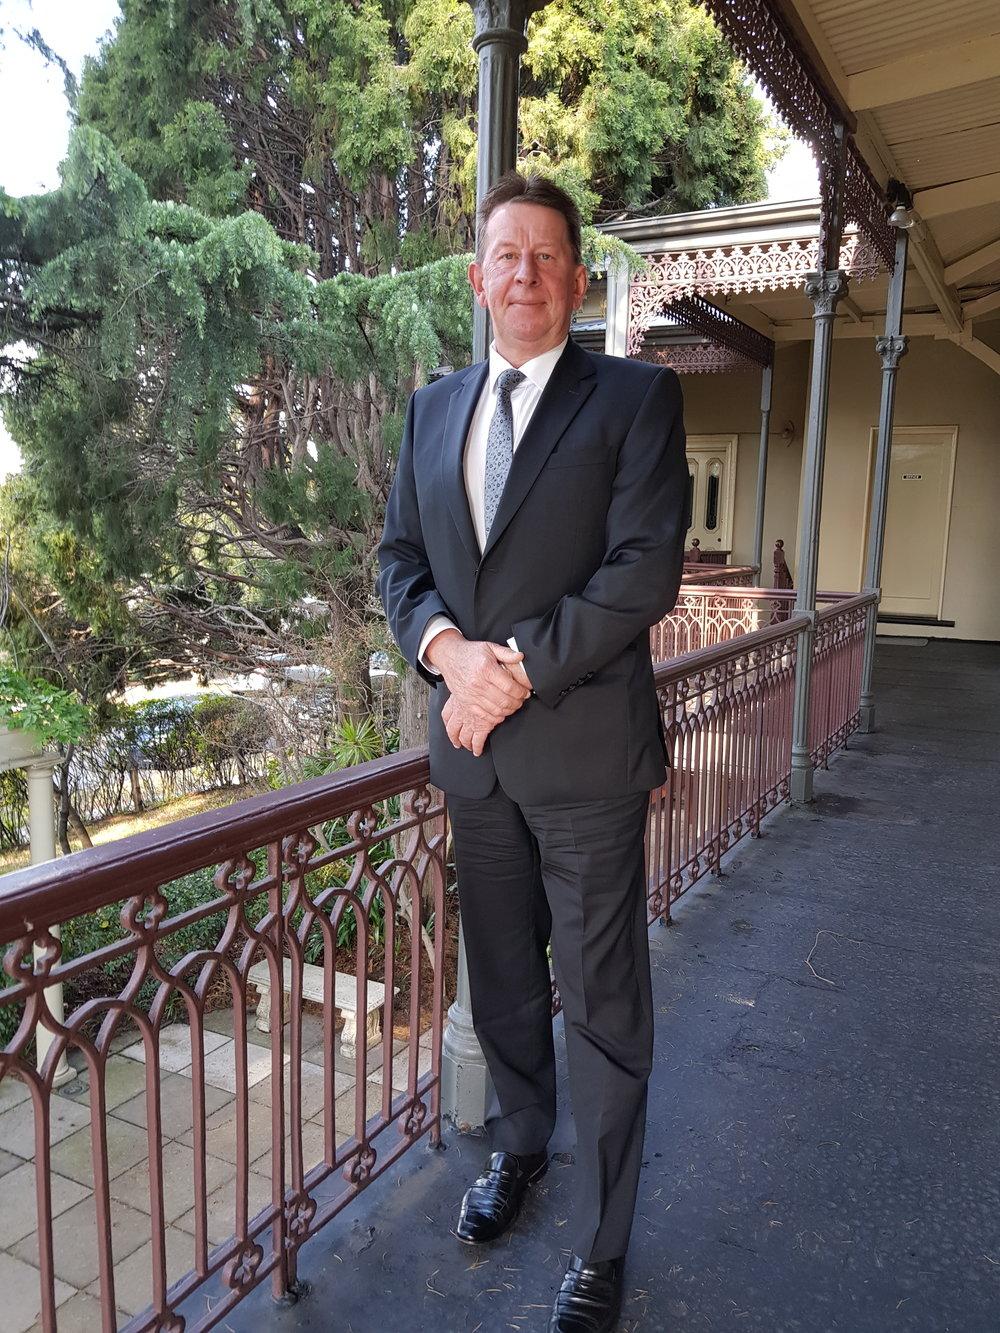 Gavan Taylor - Adviser Email:g.taylor@ejm.com.au Mobile:0448 230 110